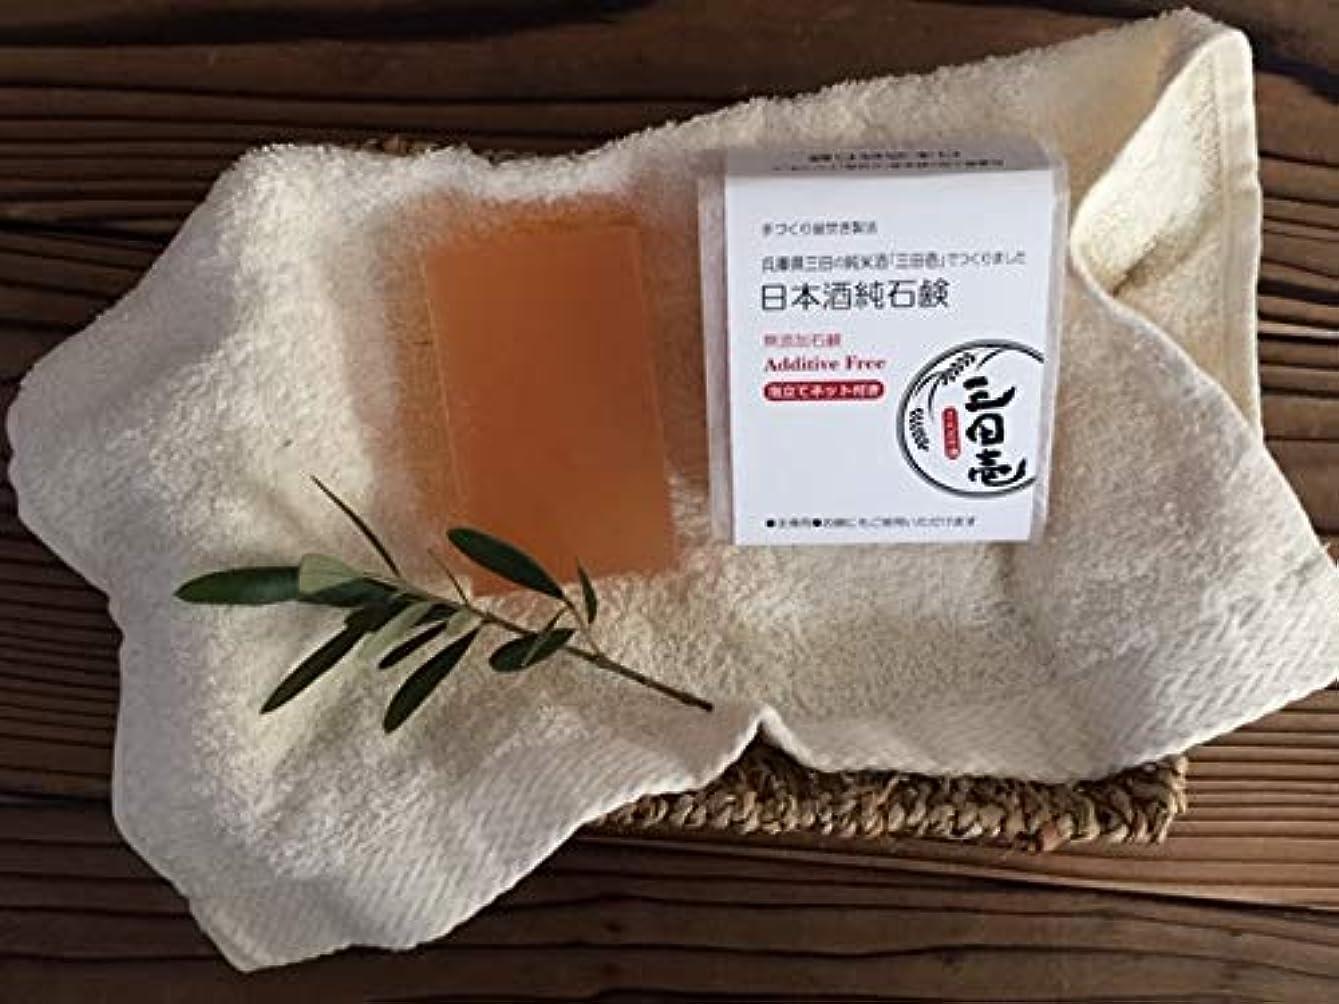 商品シャベル飛び込む手づくり釜焚き無添加石鹸 日本酒純石鹸 お徳用バスサイズ 兵庫県三田の純米酒  三田壱  と三田米の米ぬかをたっぷり配合しました